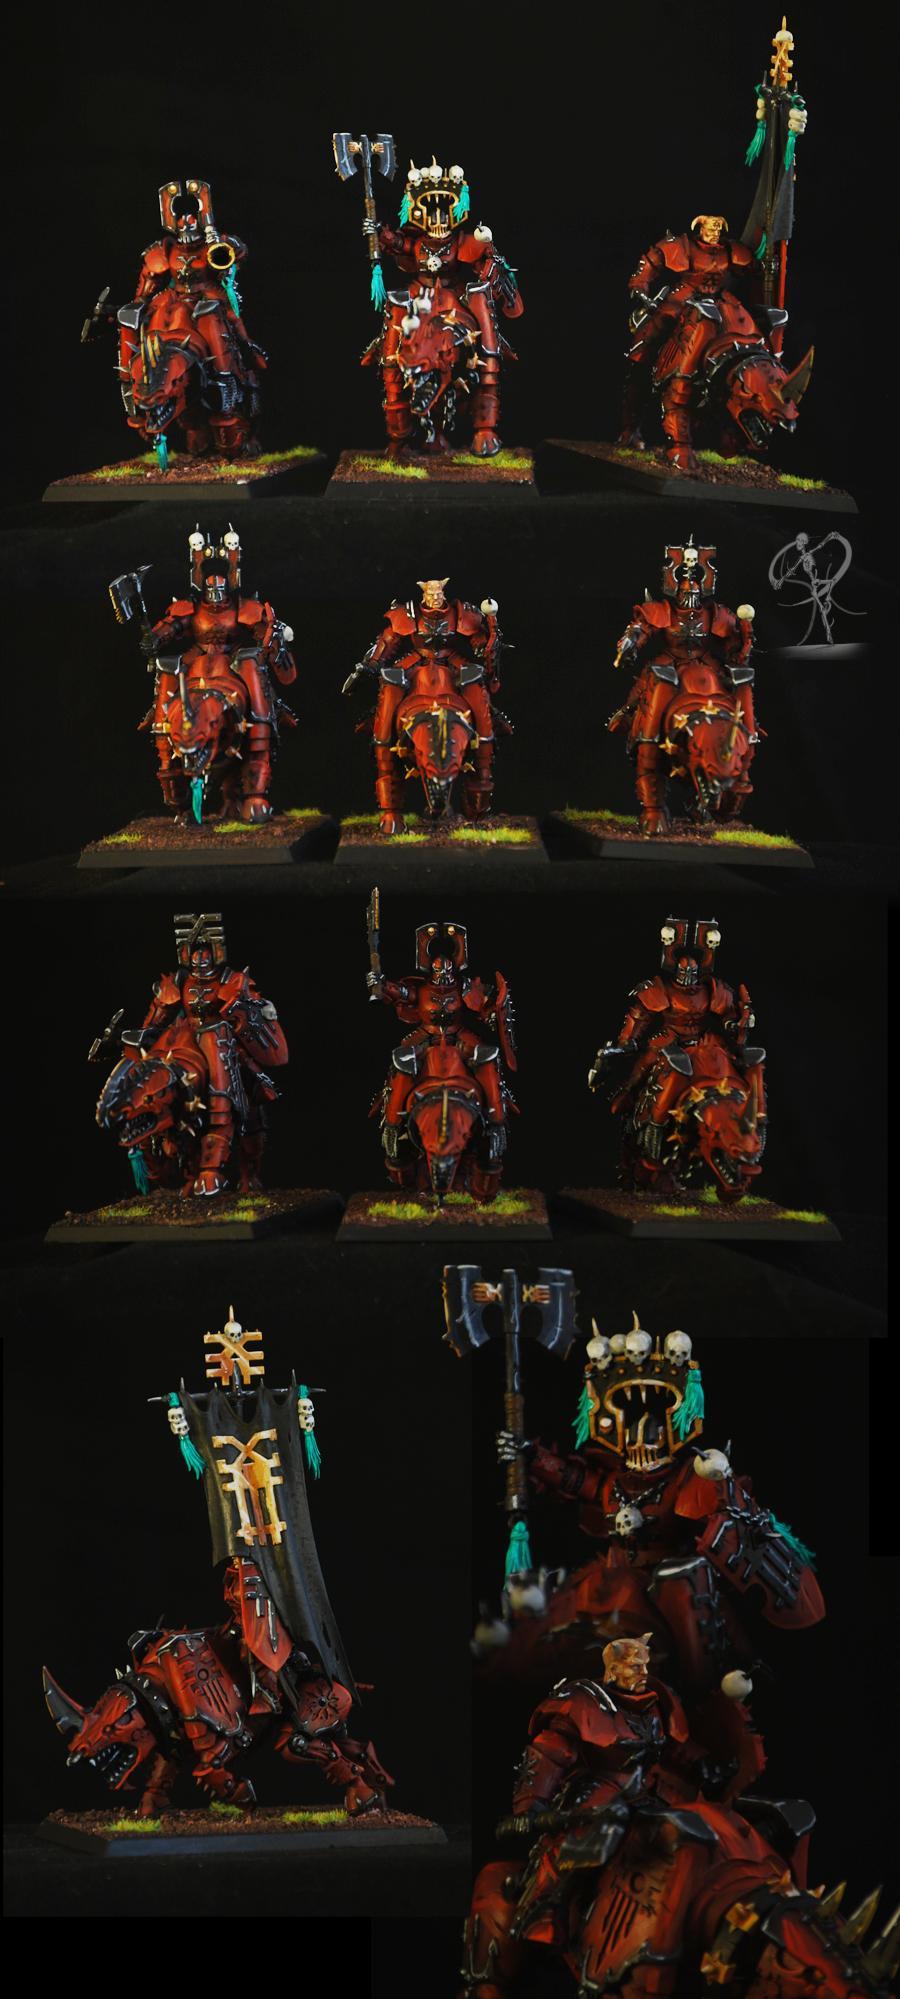 Cavalry, Juggernaut, Khorne, Warriors Of Chaos